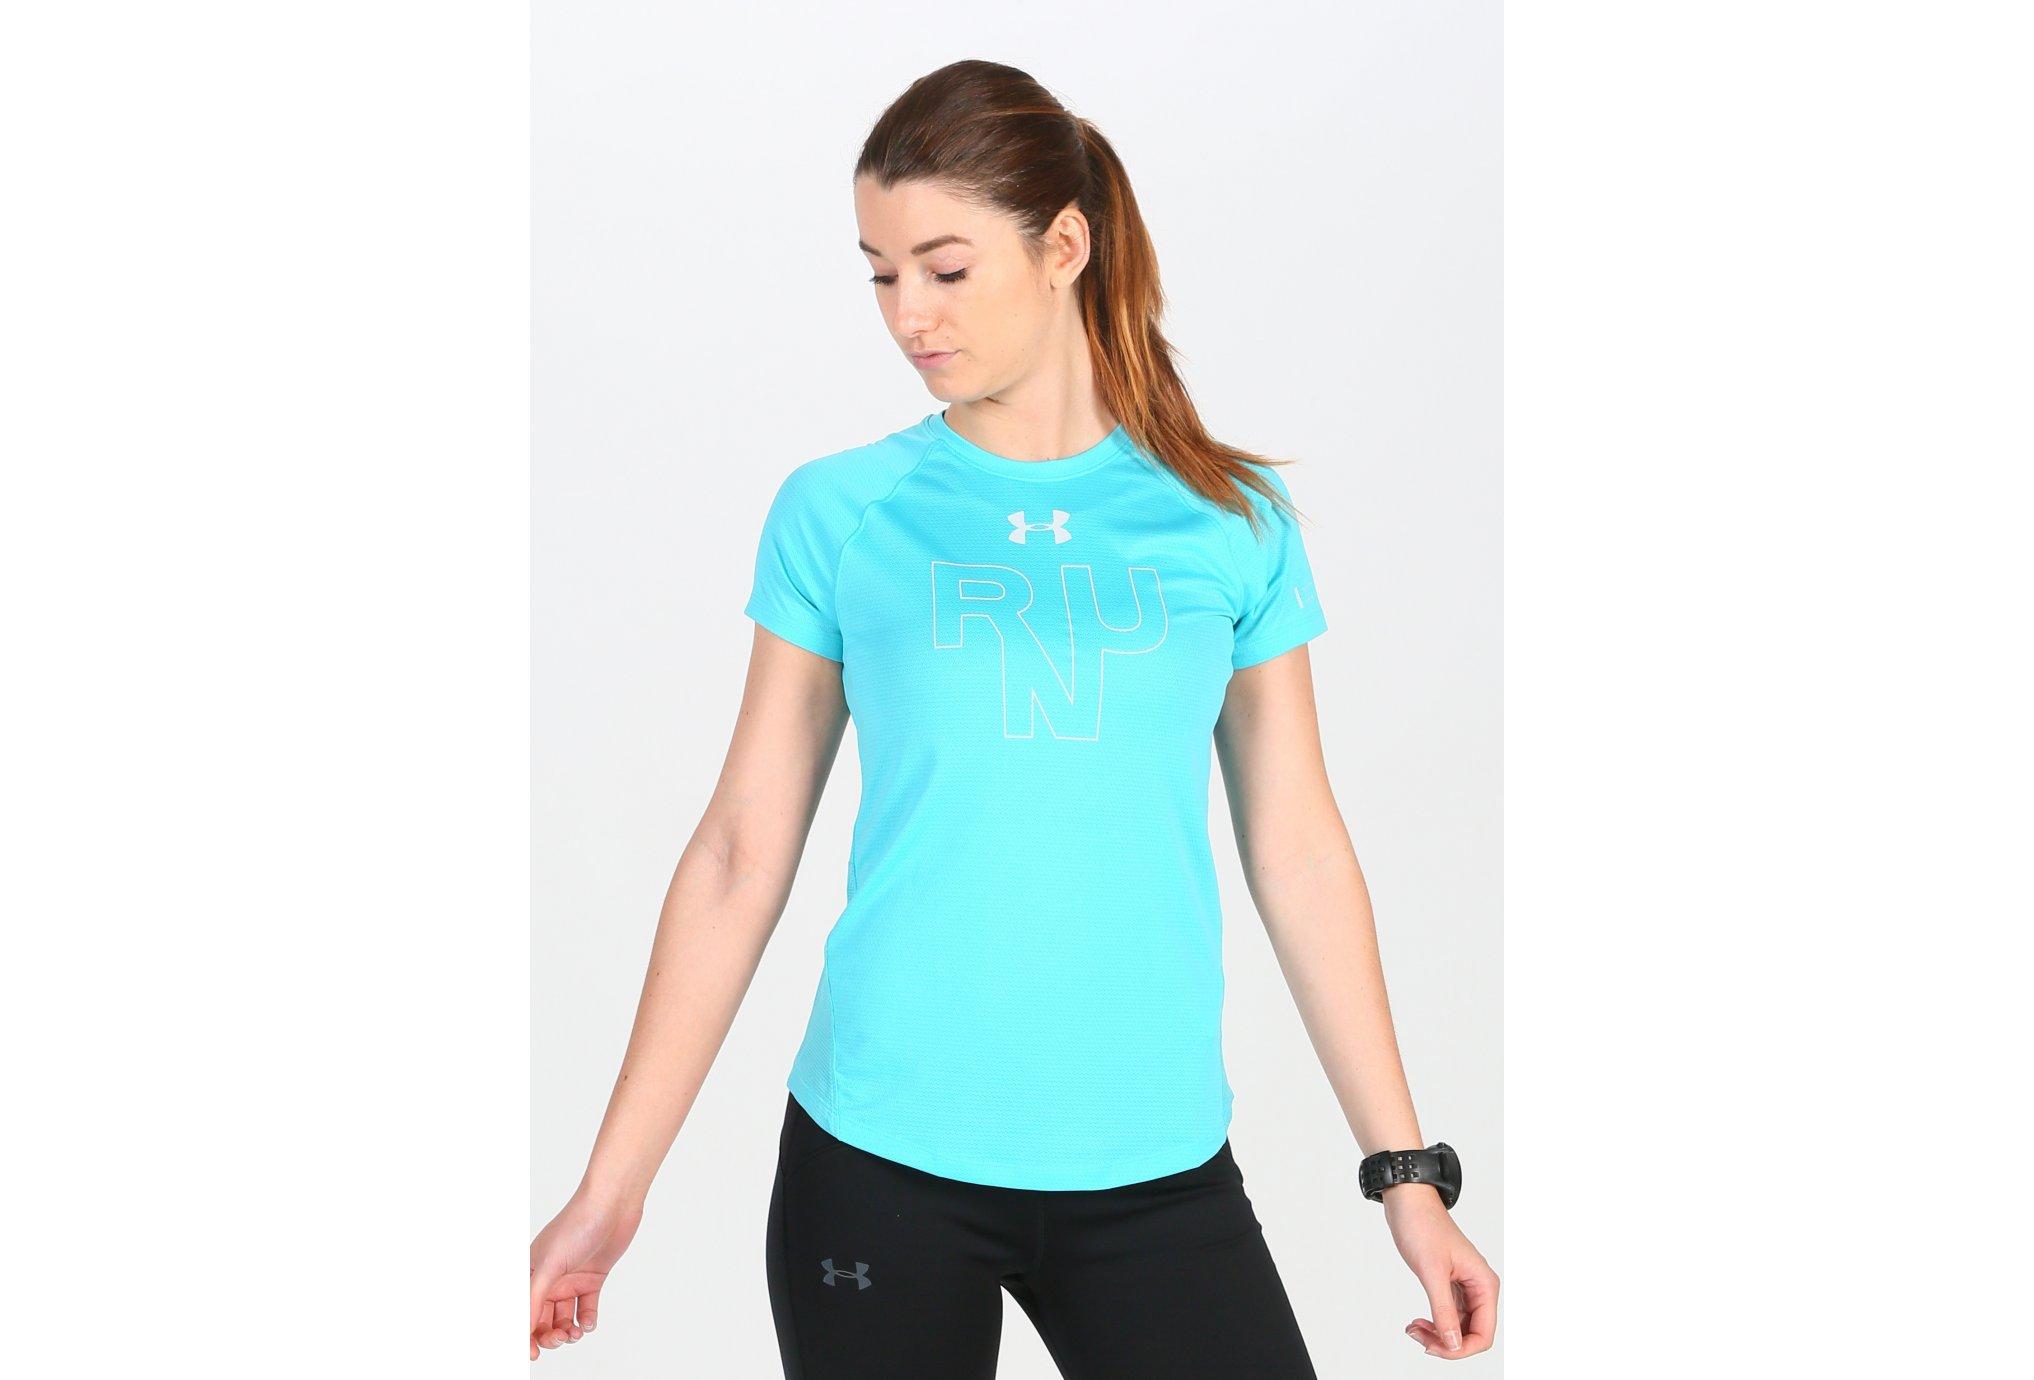 Under Armour Qualifier Run W vêtement running femme